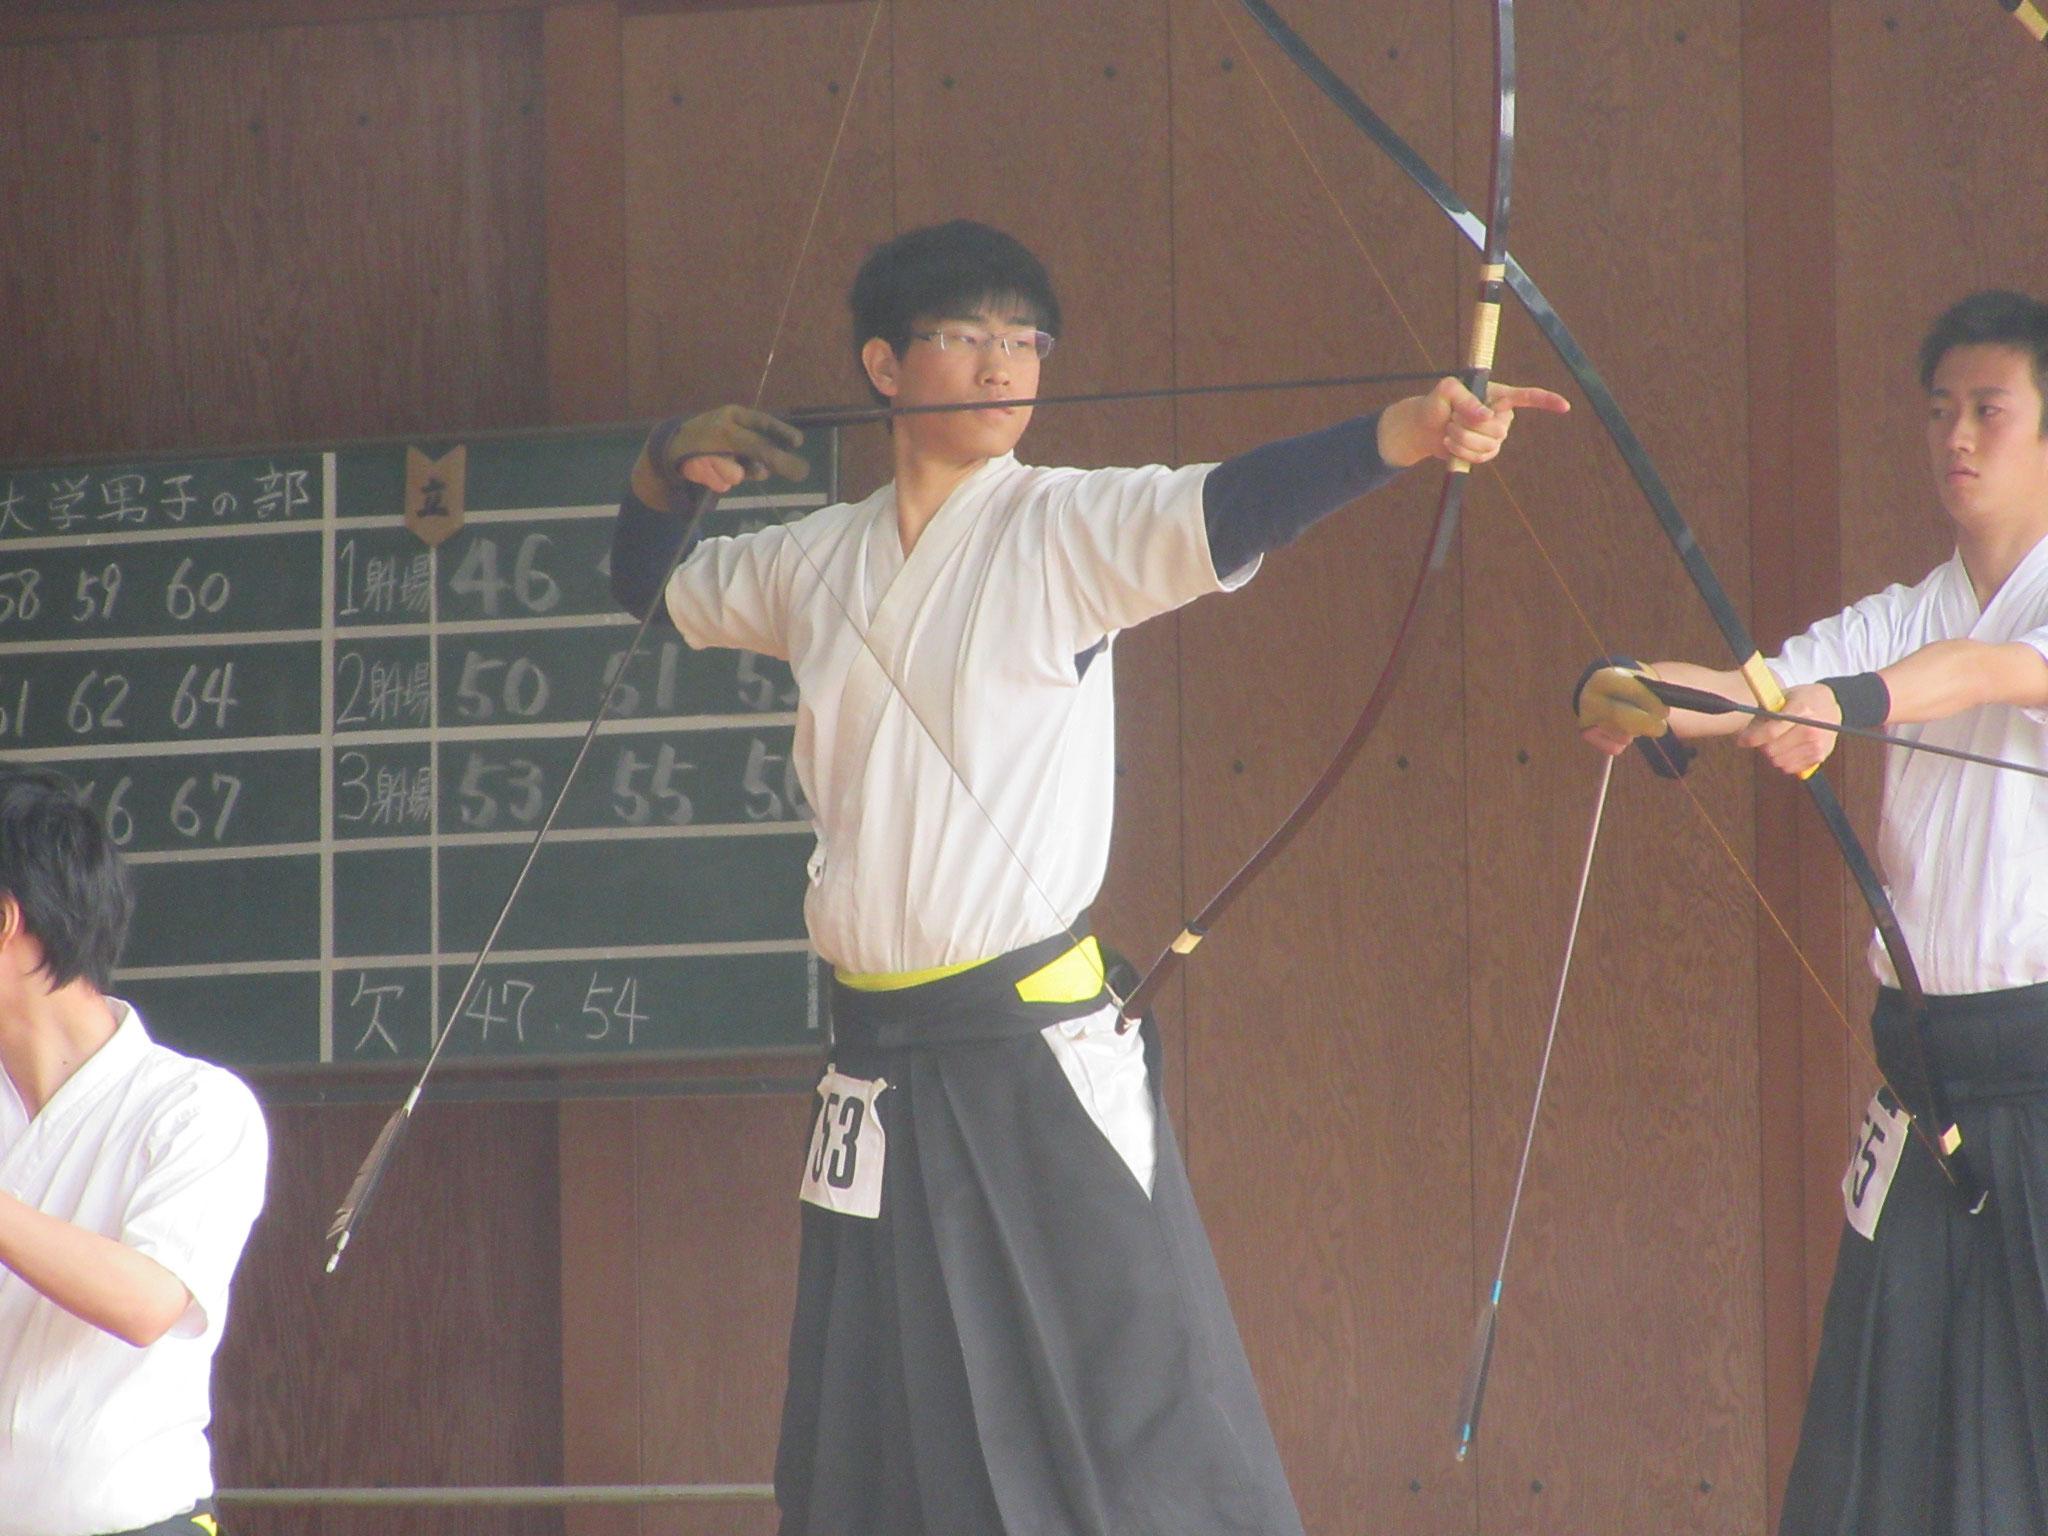 福澤(3)予選通過